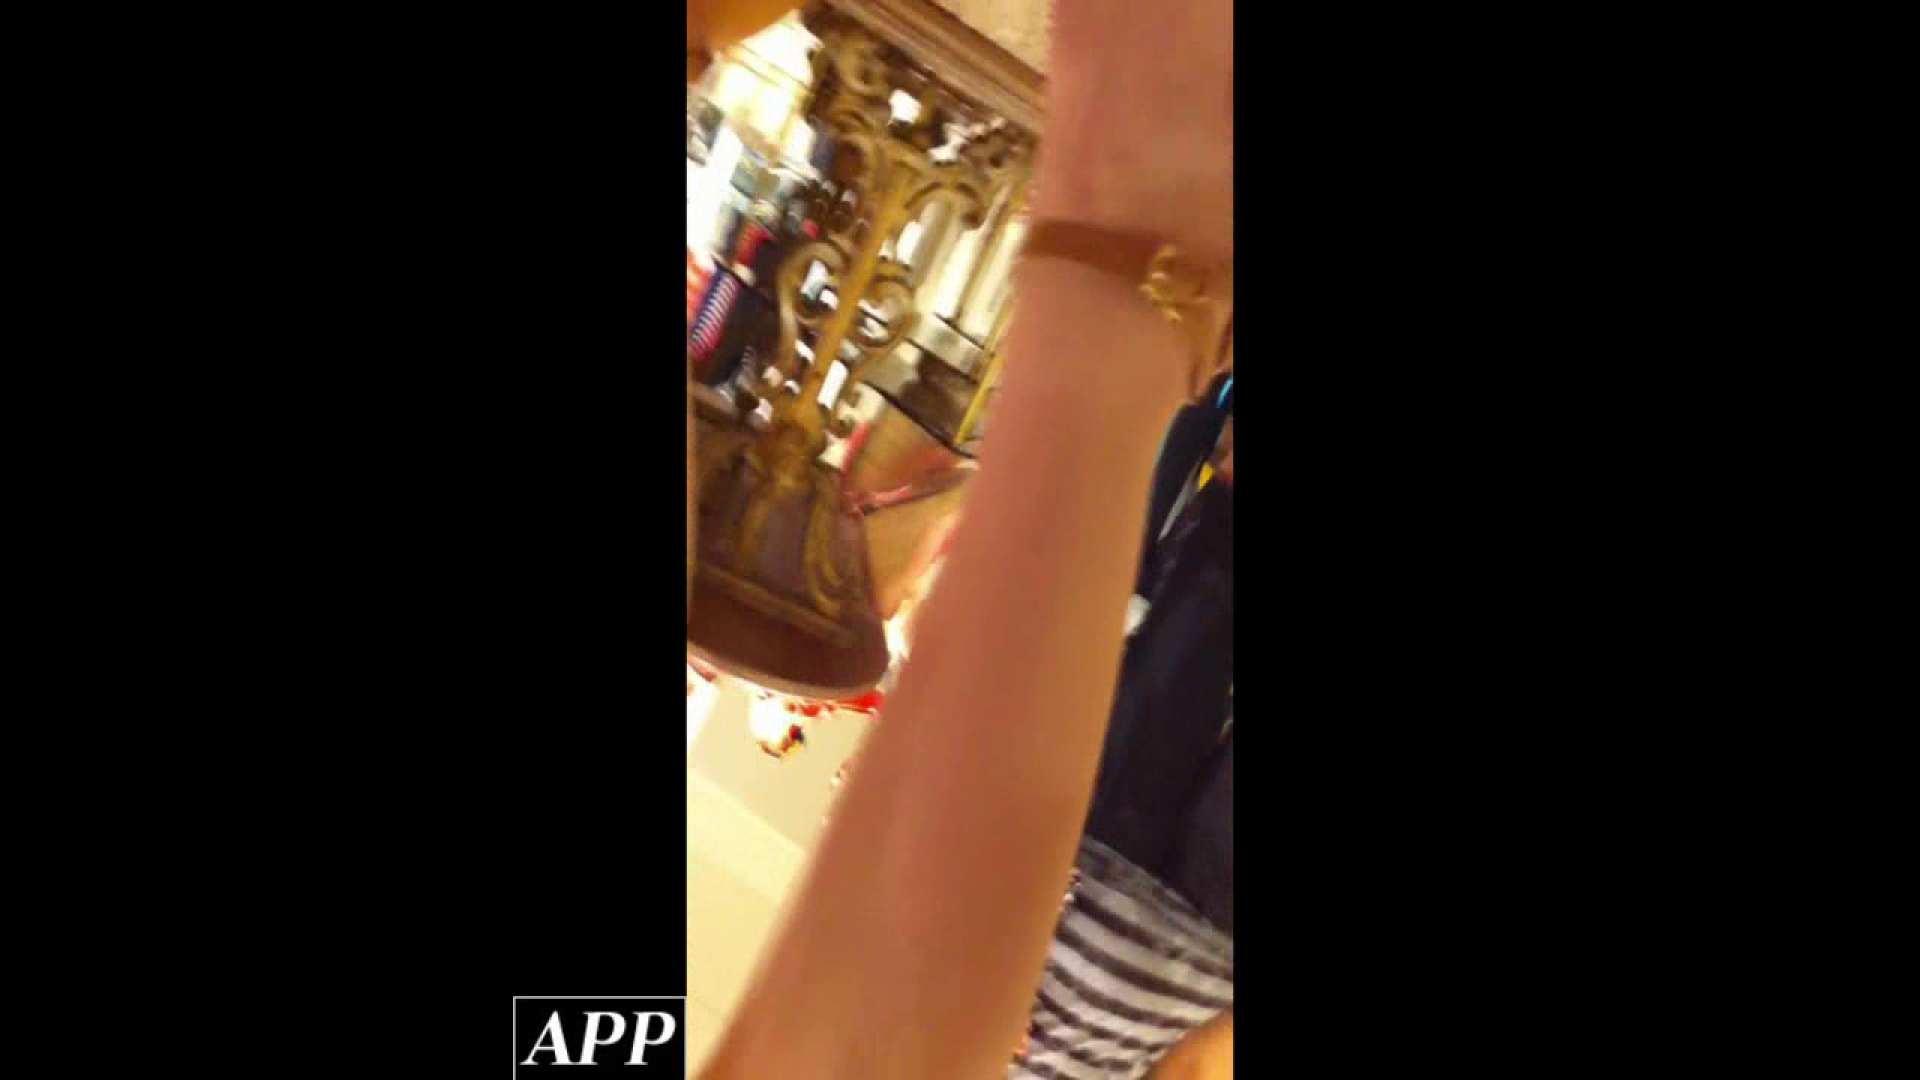 ハイビジョン盗撮!ショップ店員千人斬り!胸チラ編 vol.86 盗撮 性交動画流出 106連発 9